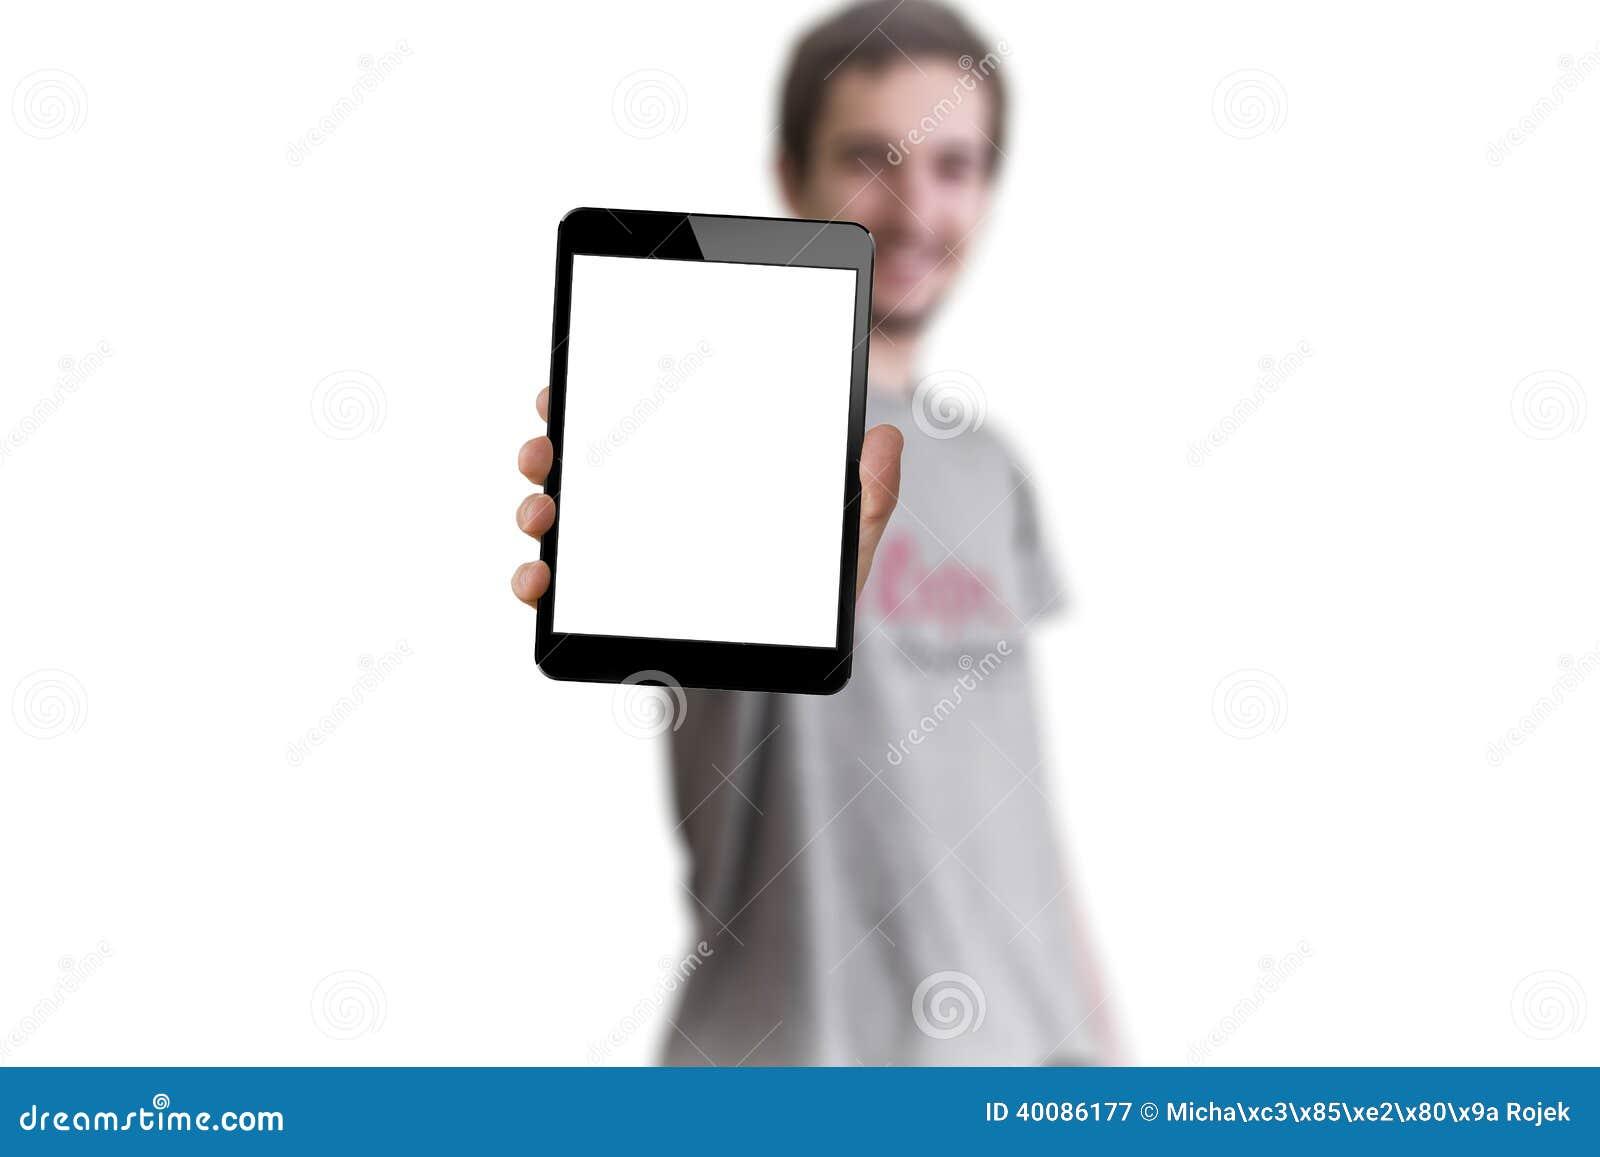 Tableta a disposición